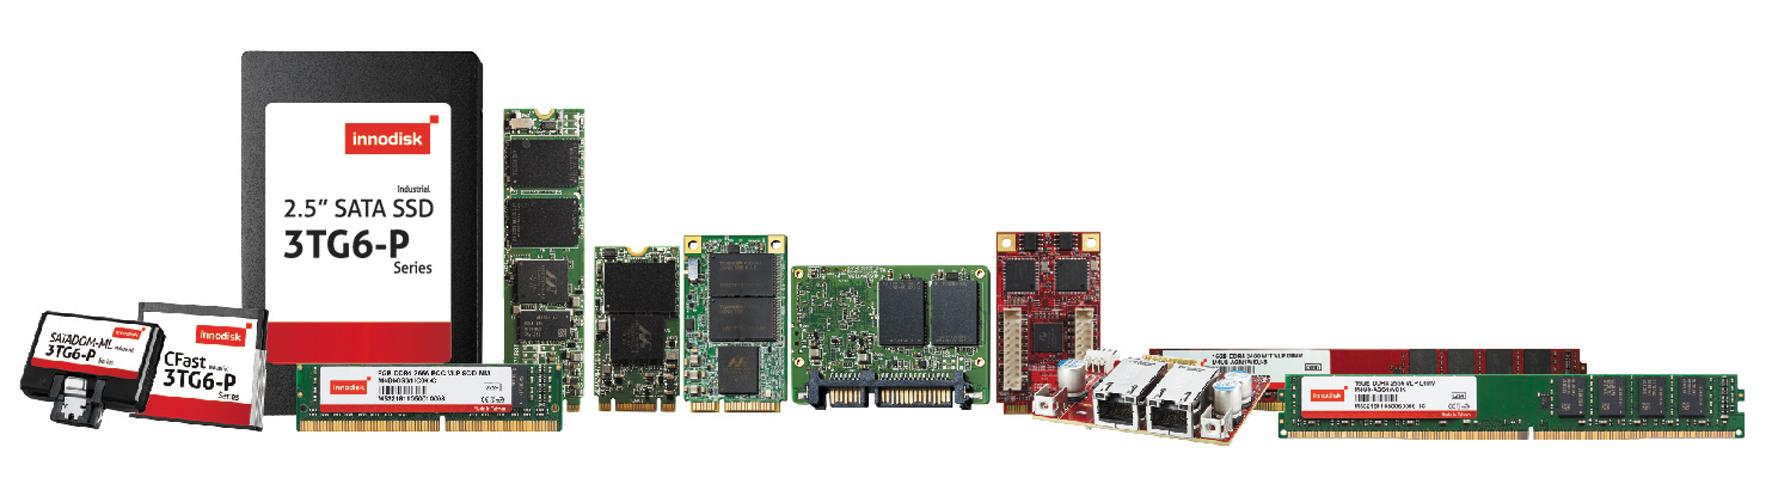 Для реализации AIoT необходимы устройства хранения данных и памяти индустриального класса. Подобные решения предлагает, например, компания Innodisk